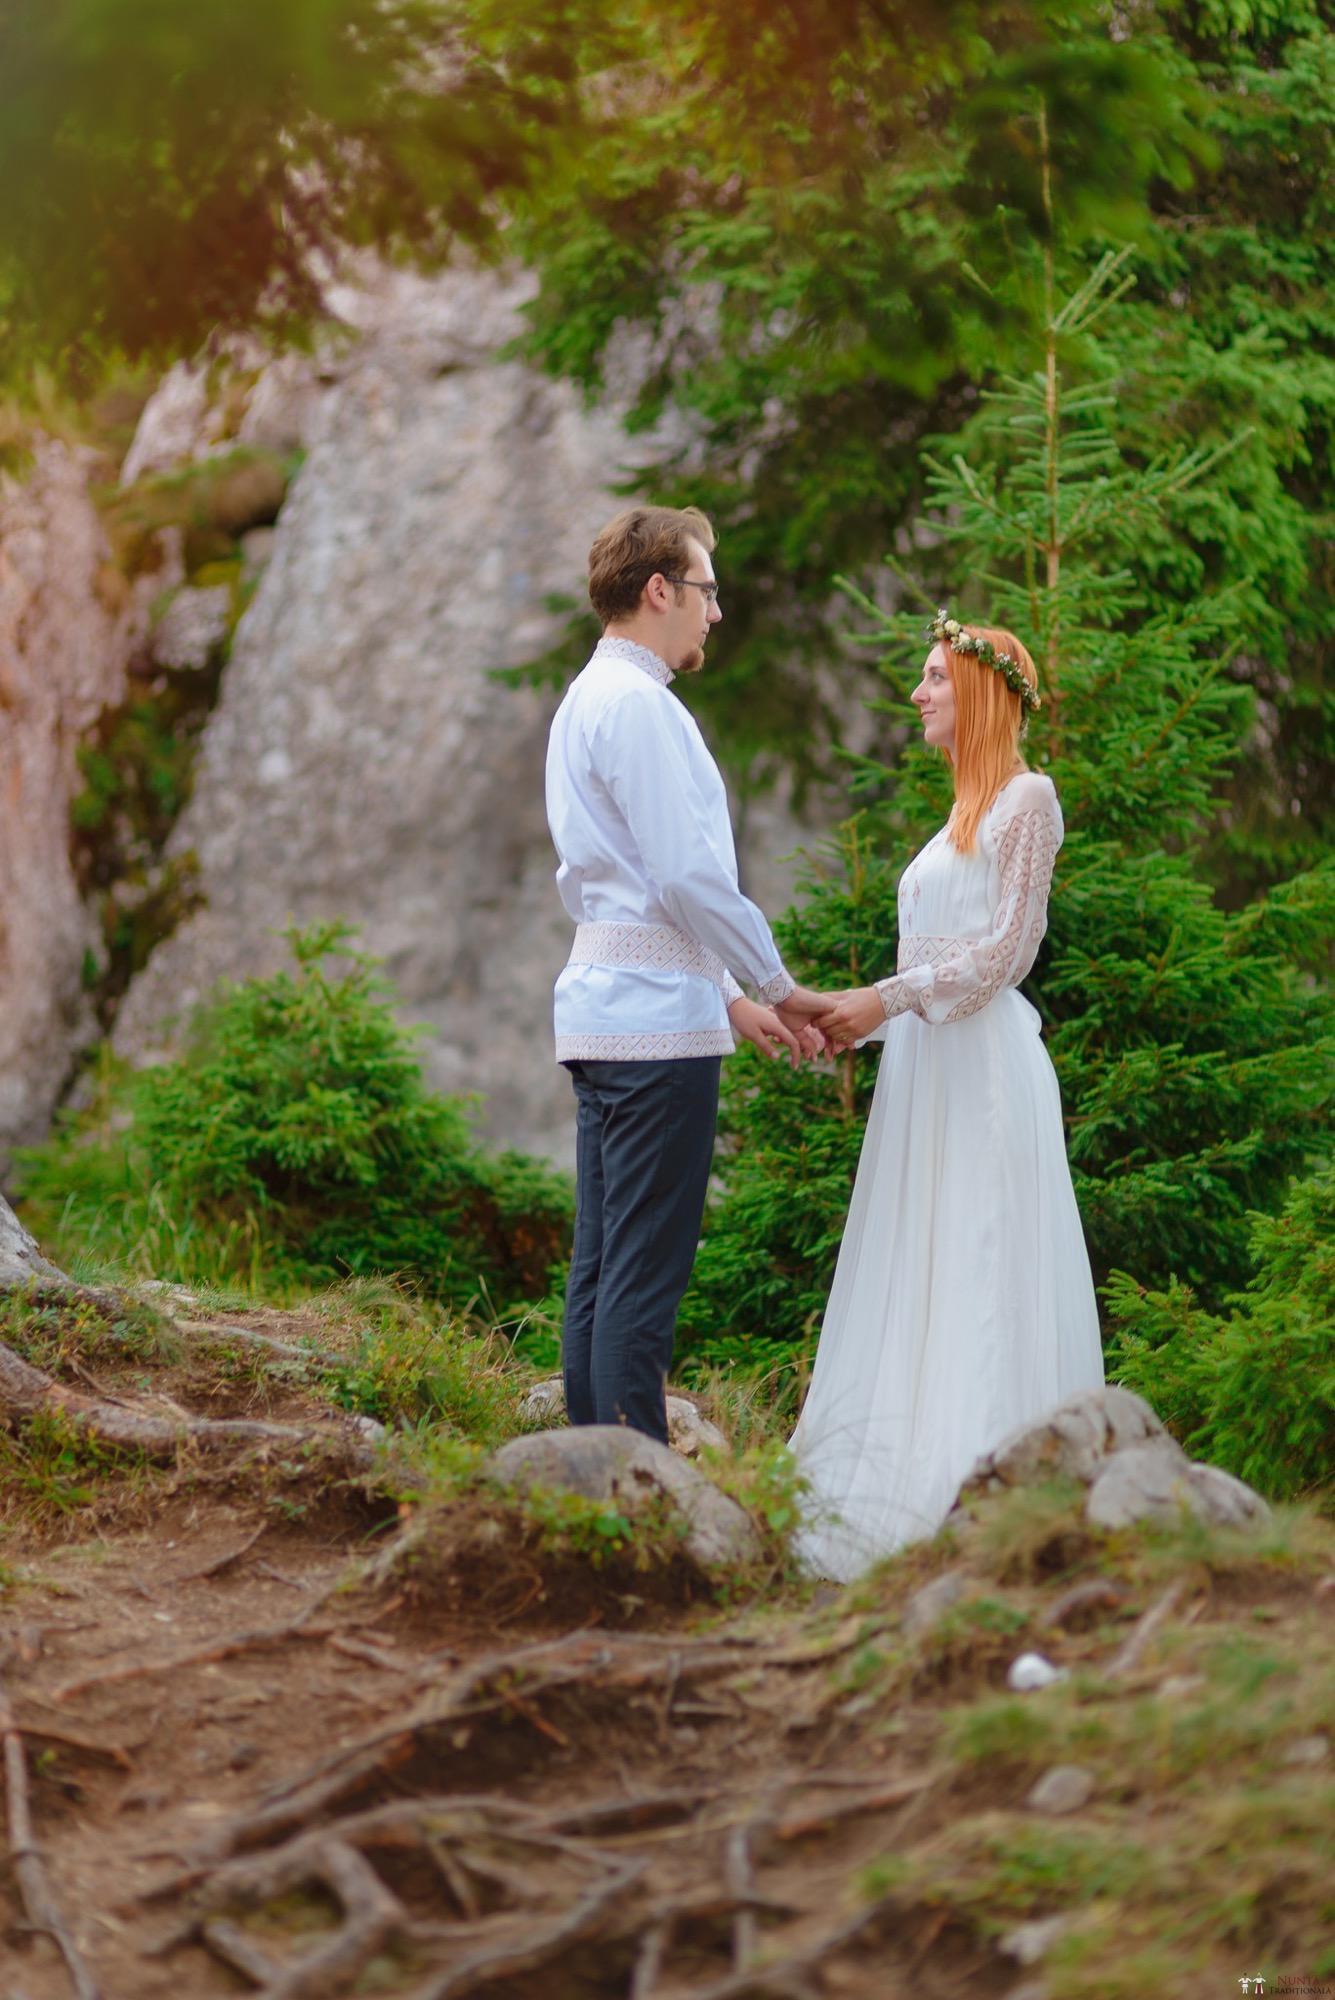 Povești Nunți Tradiționale - Aurelian și Sonia. Nuntă tradițională în Câmpulung Moldovenesc 22